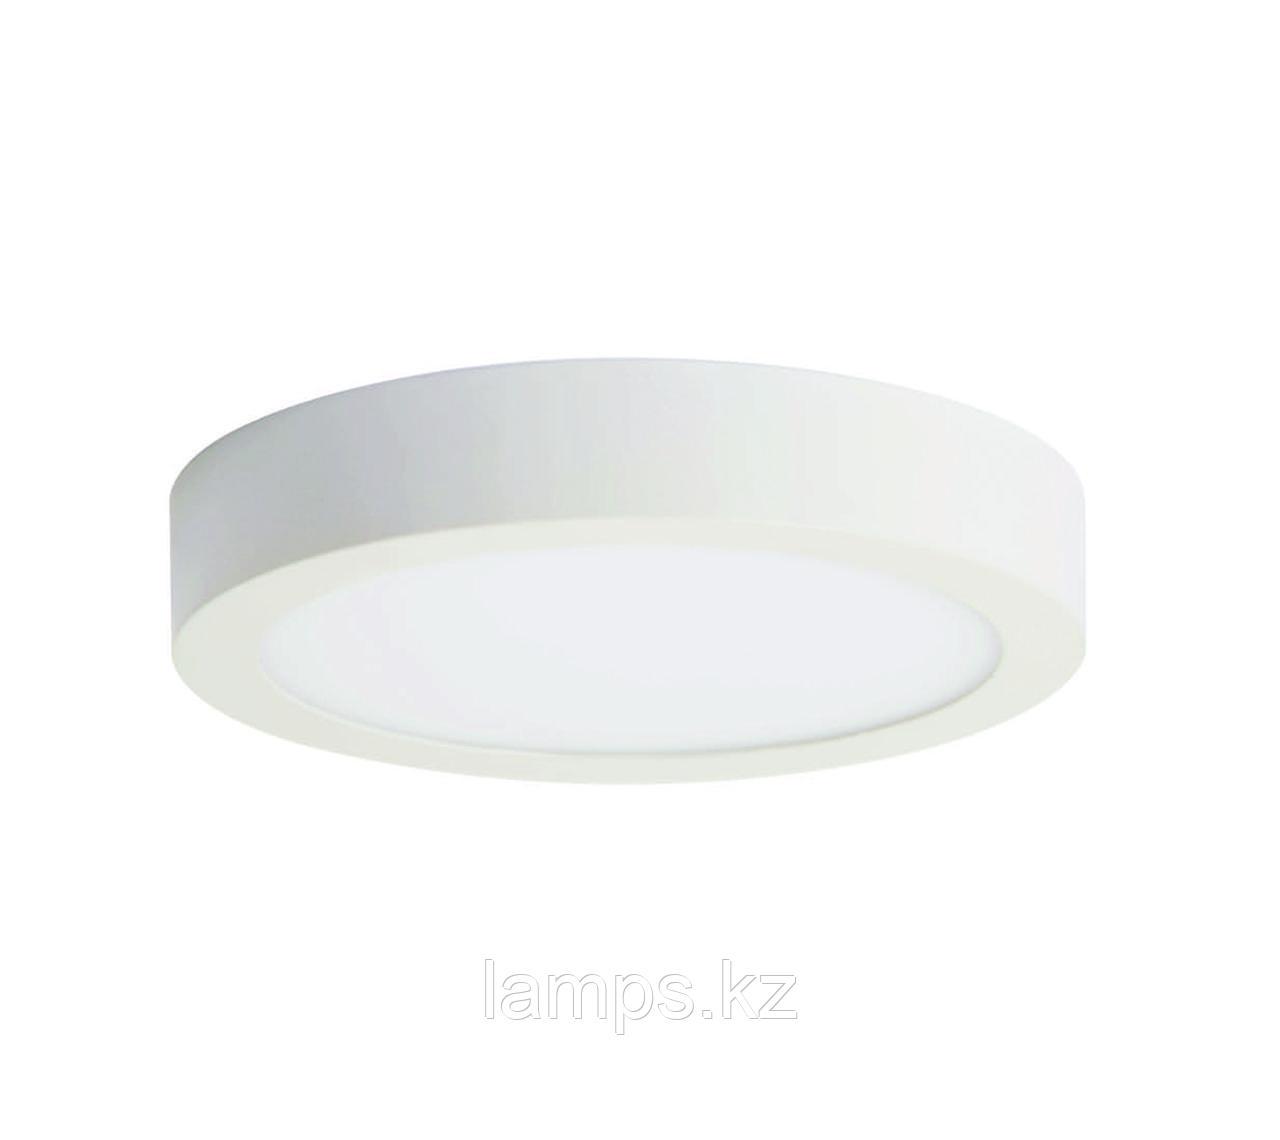 Панель светодиодная накладная LINDA-R/20W/SMD/6000K/Φ210MM/CBOX